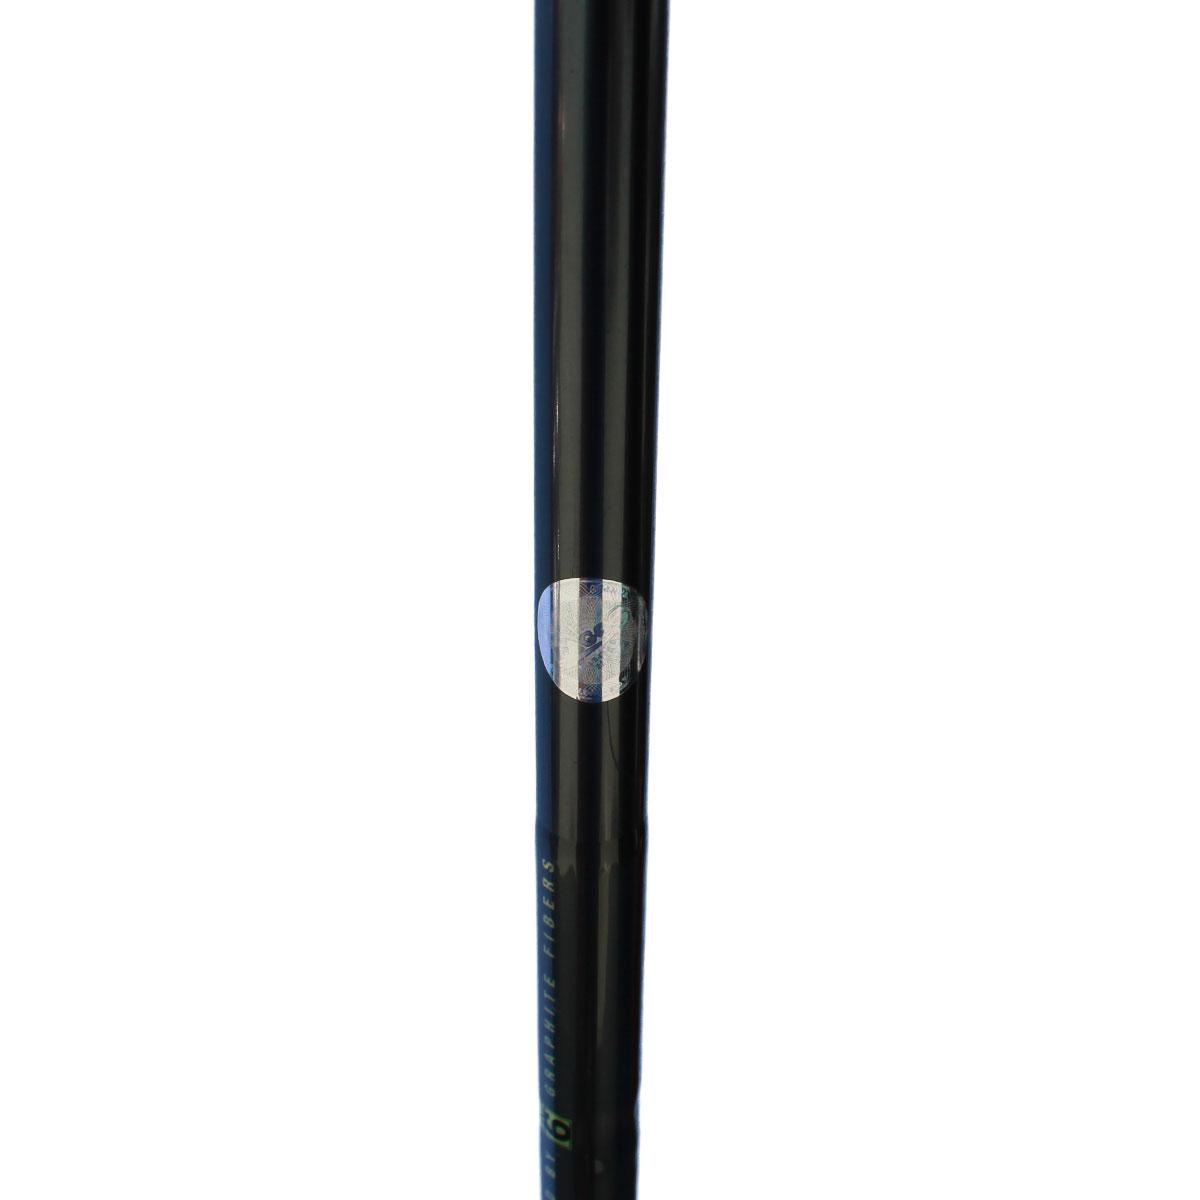 Cần Câu Máy Hai Khúc Berkley Lightning Rod 3mCần Câu Cá Chuyên NghiệpChính Hãng